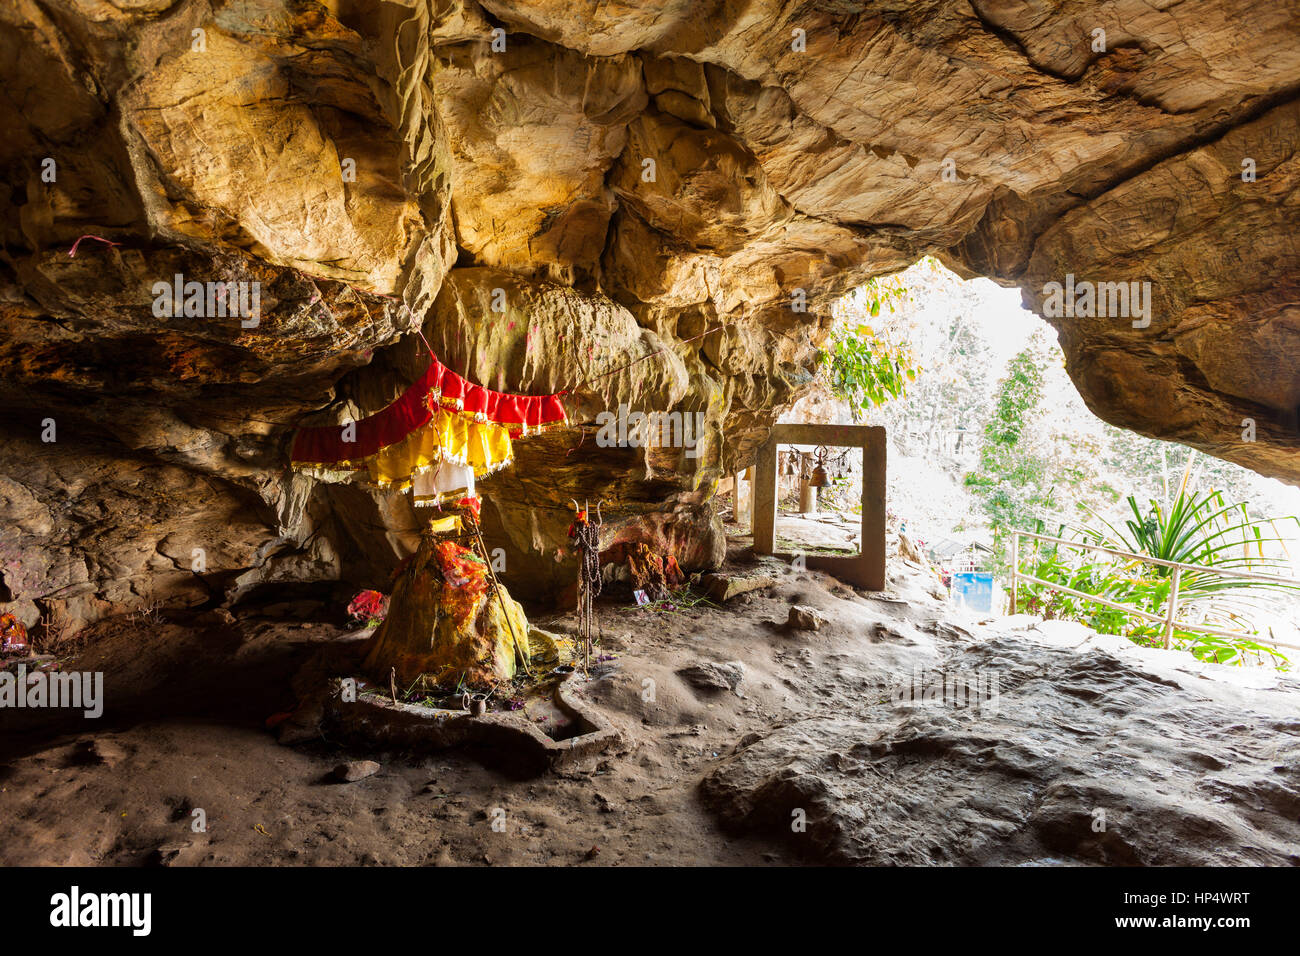 Santuario di shiva in entrata di siddha grotta (gufa), ha detto di essere la più grande grotta dell'Himalaya, Immagini Stock